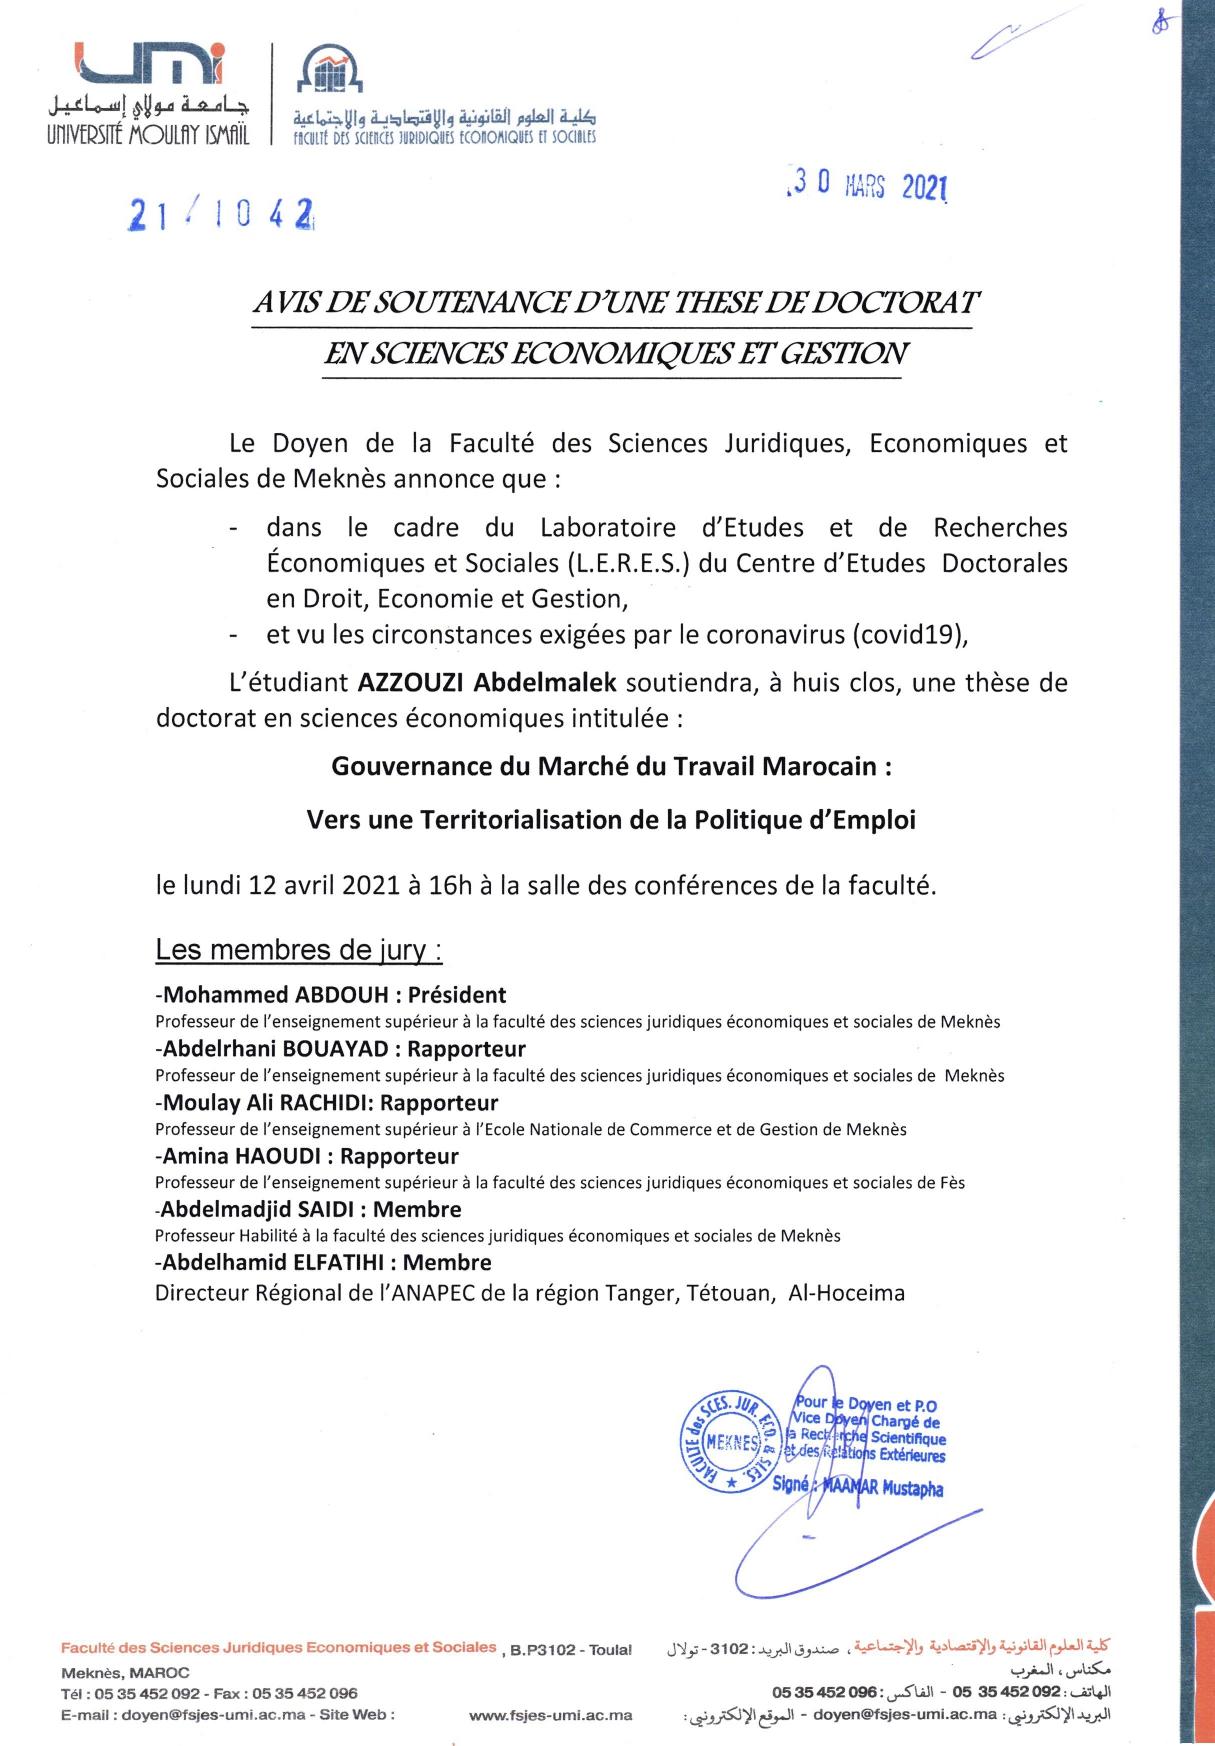 SOUTENANCE DE THÈSE DE DOCTORAT 12-04-2021